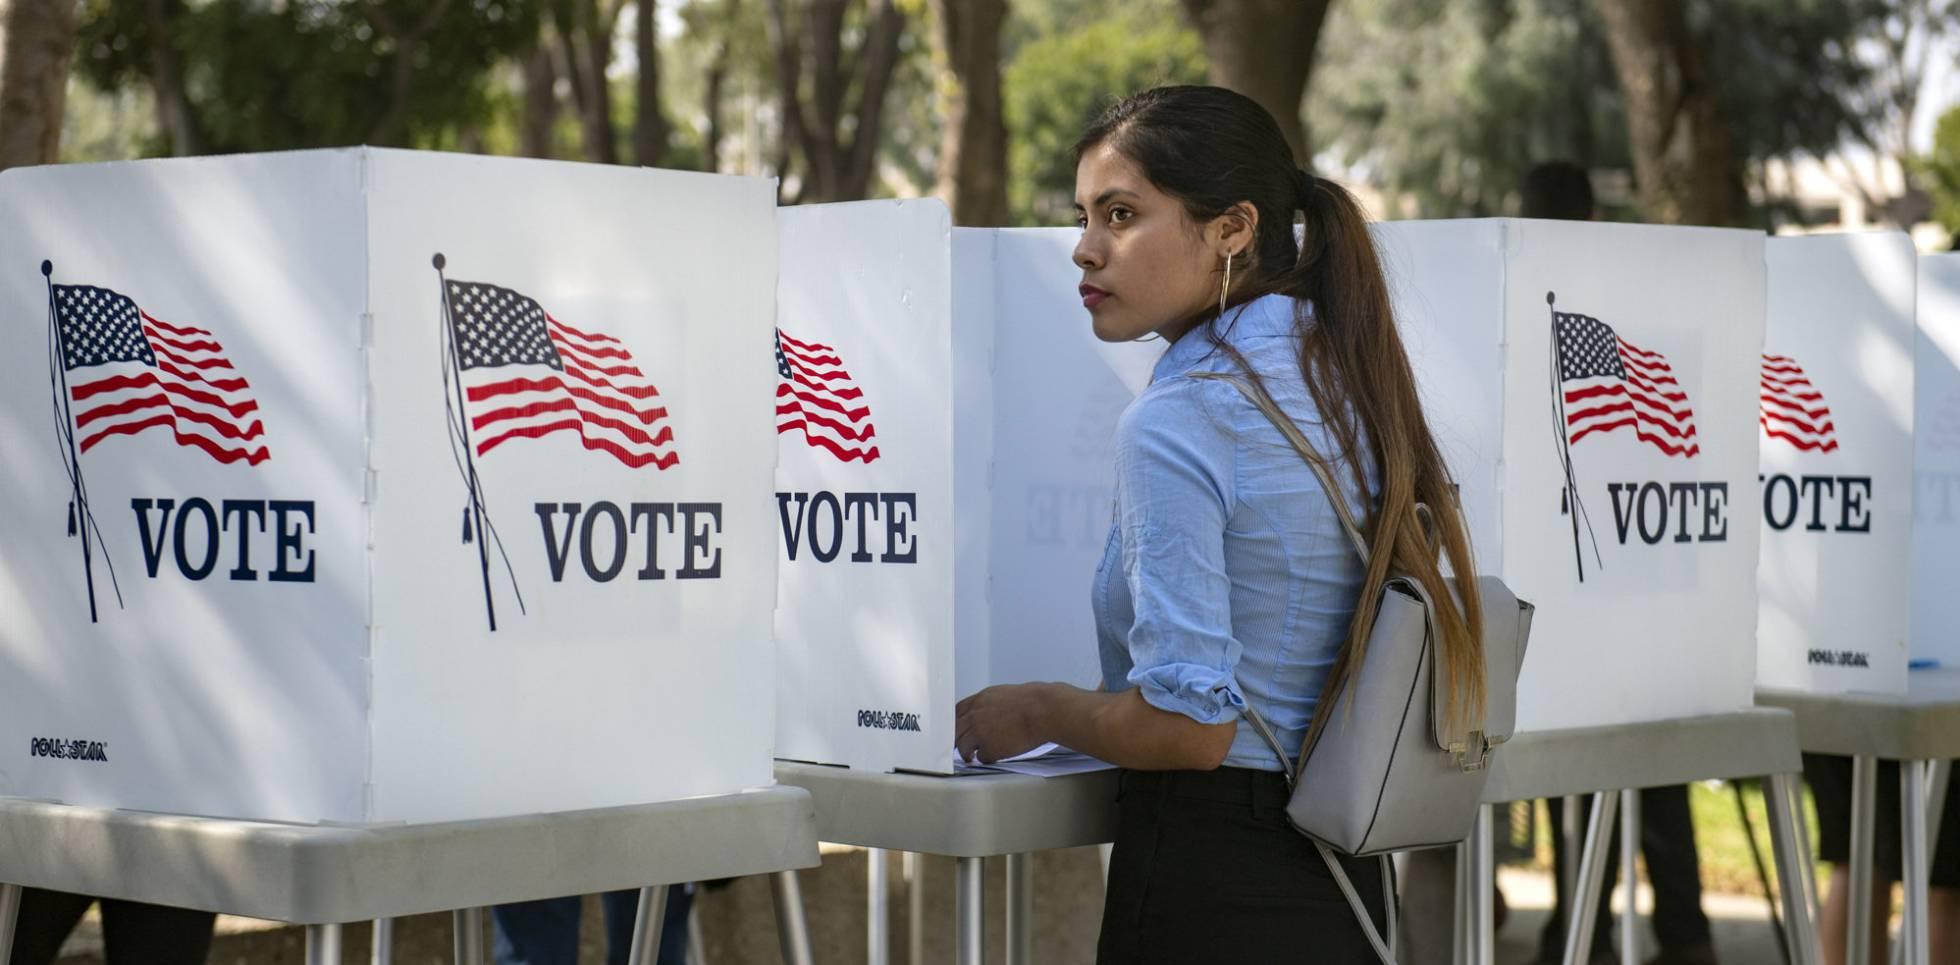 Los demócratas alientan el voto joven para derrotar a Trump